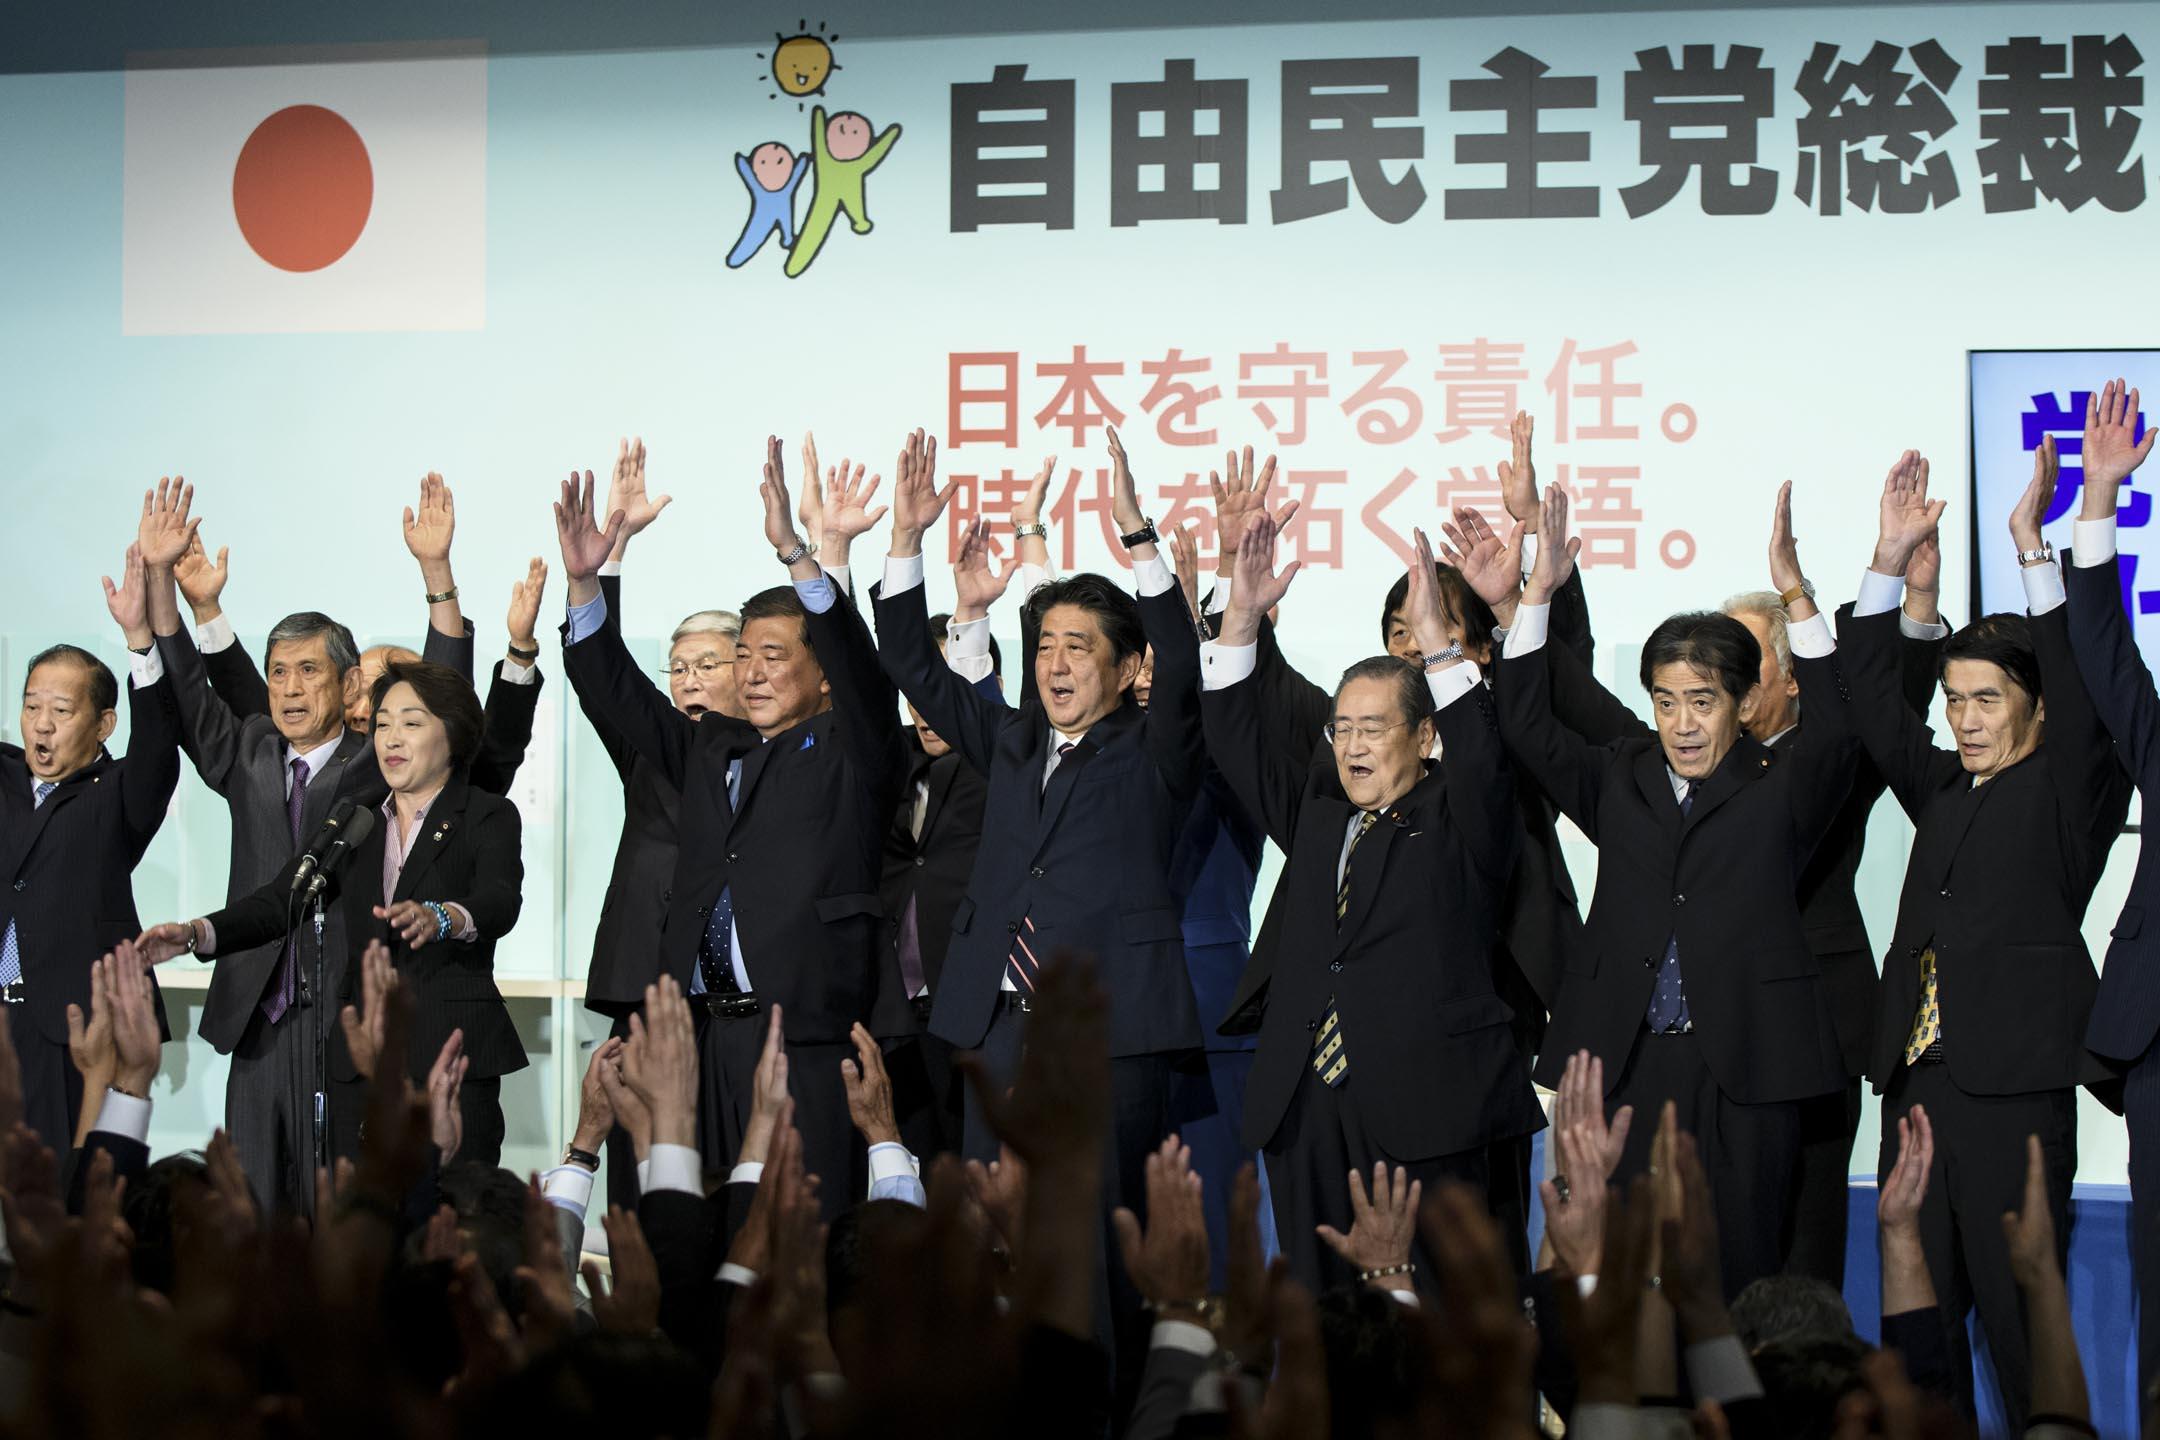 2018年9月20日,日本首相安倍晉三(63歲)在自民黨總裁選舉中擊敗自民黨眾議院議員石破茂(61歲),連續第三次當選自民黨總裁,任期從9月30日延續三年至2021年9月30日。 攝:Akio Kon/Bloomberg via Getty Images